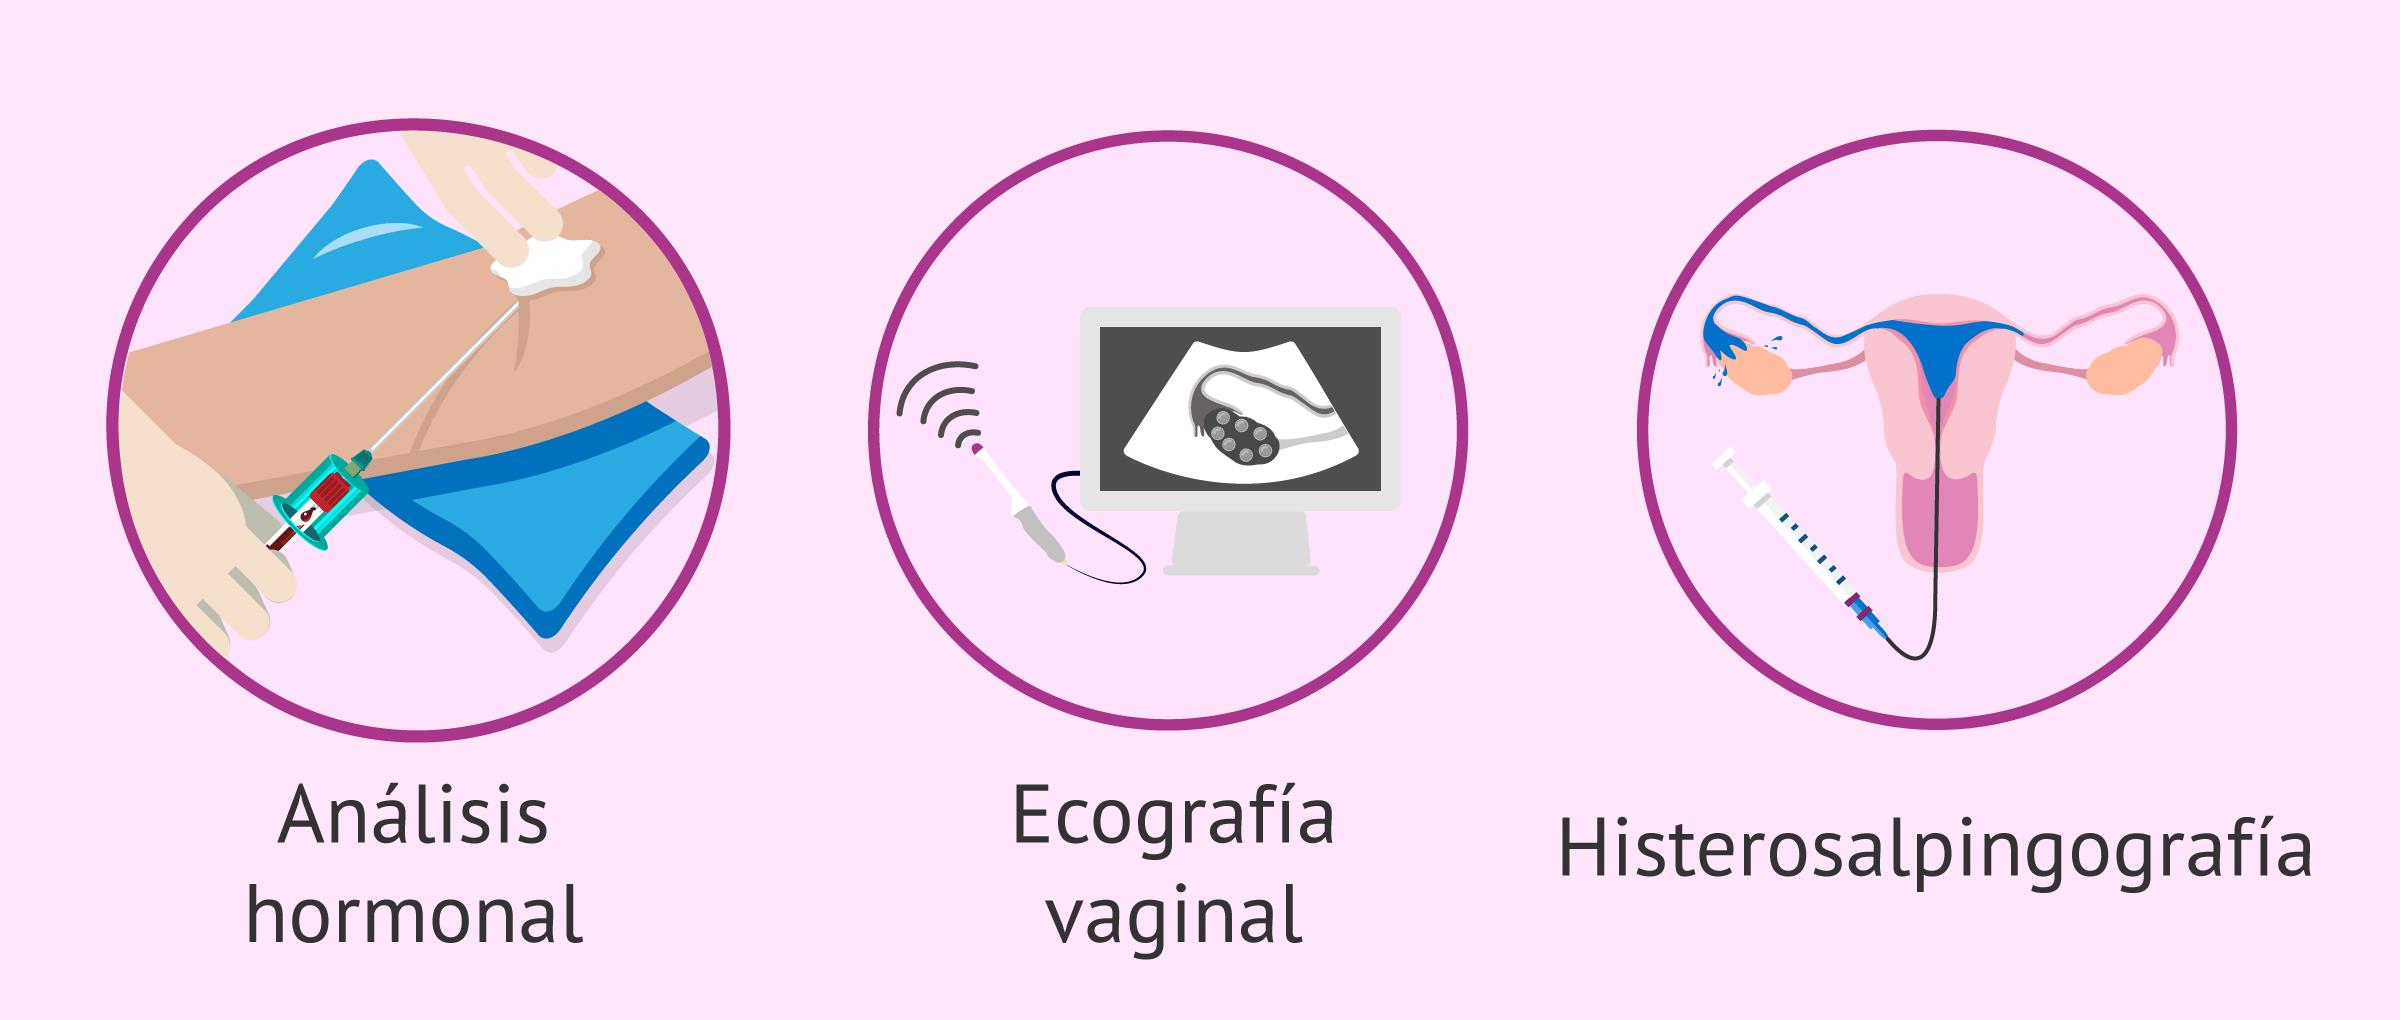 Pruebas para estudiar la fertilidad femenina